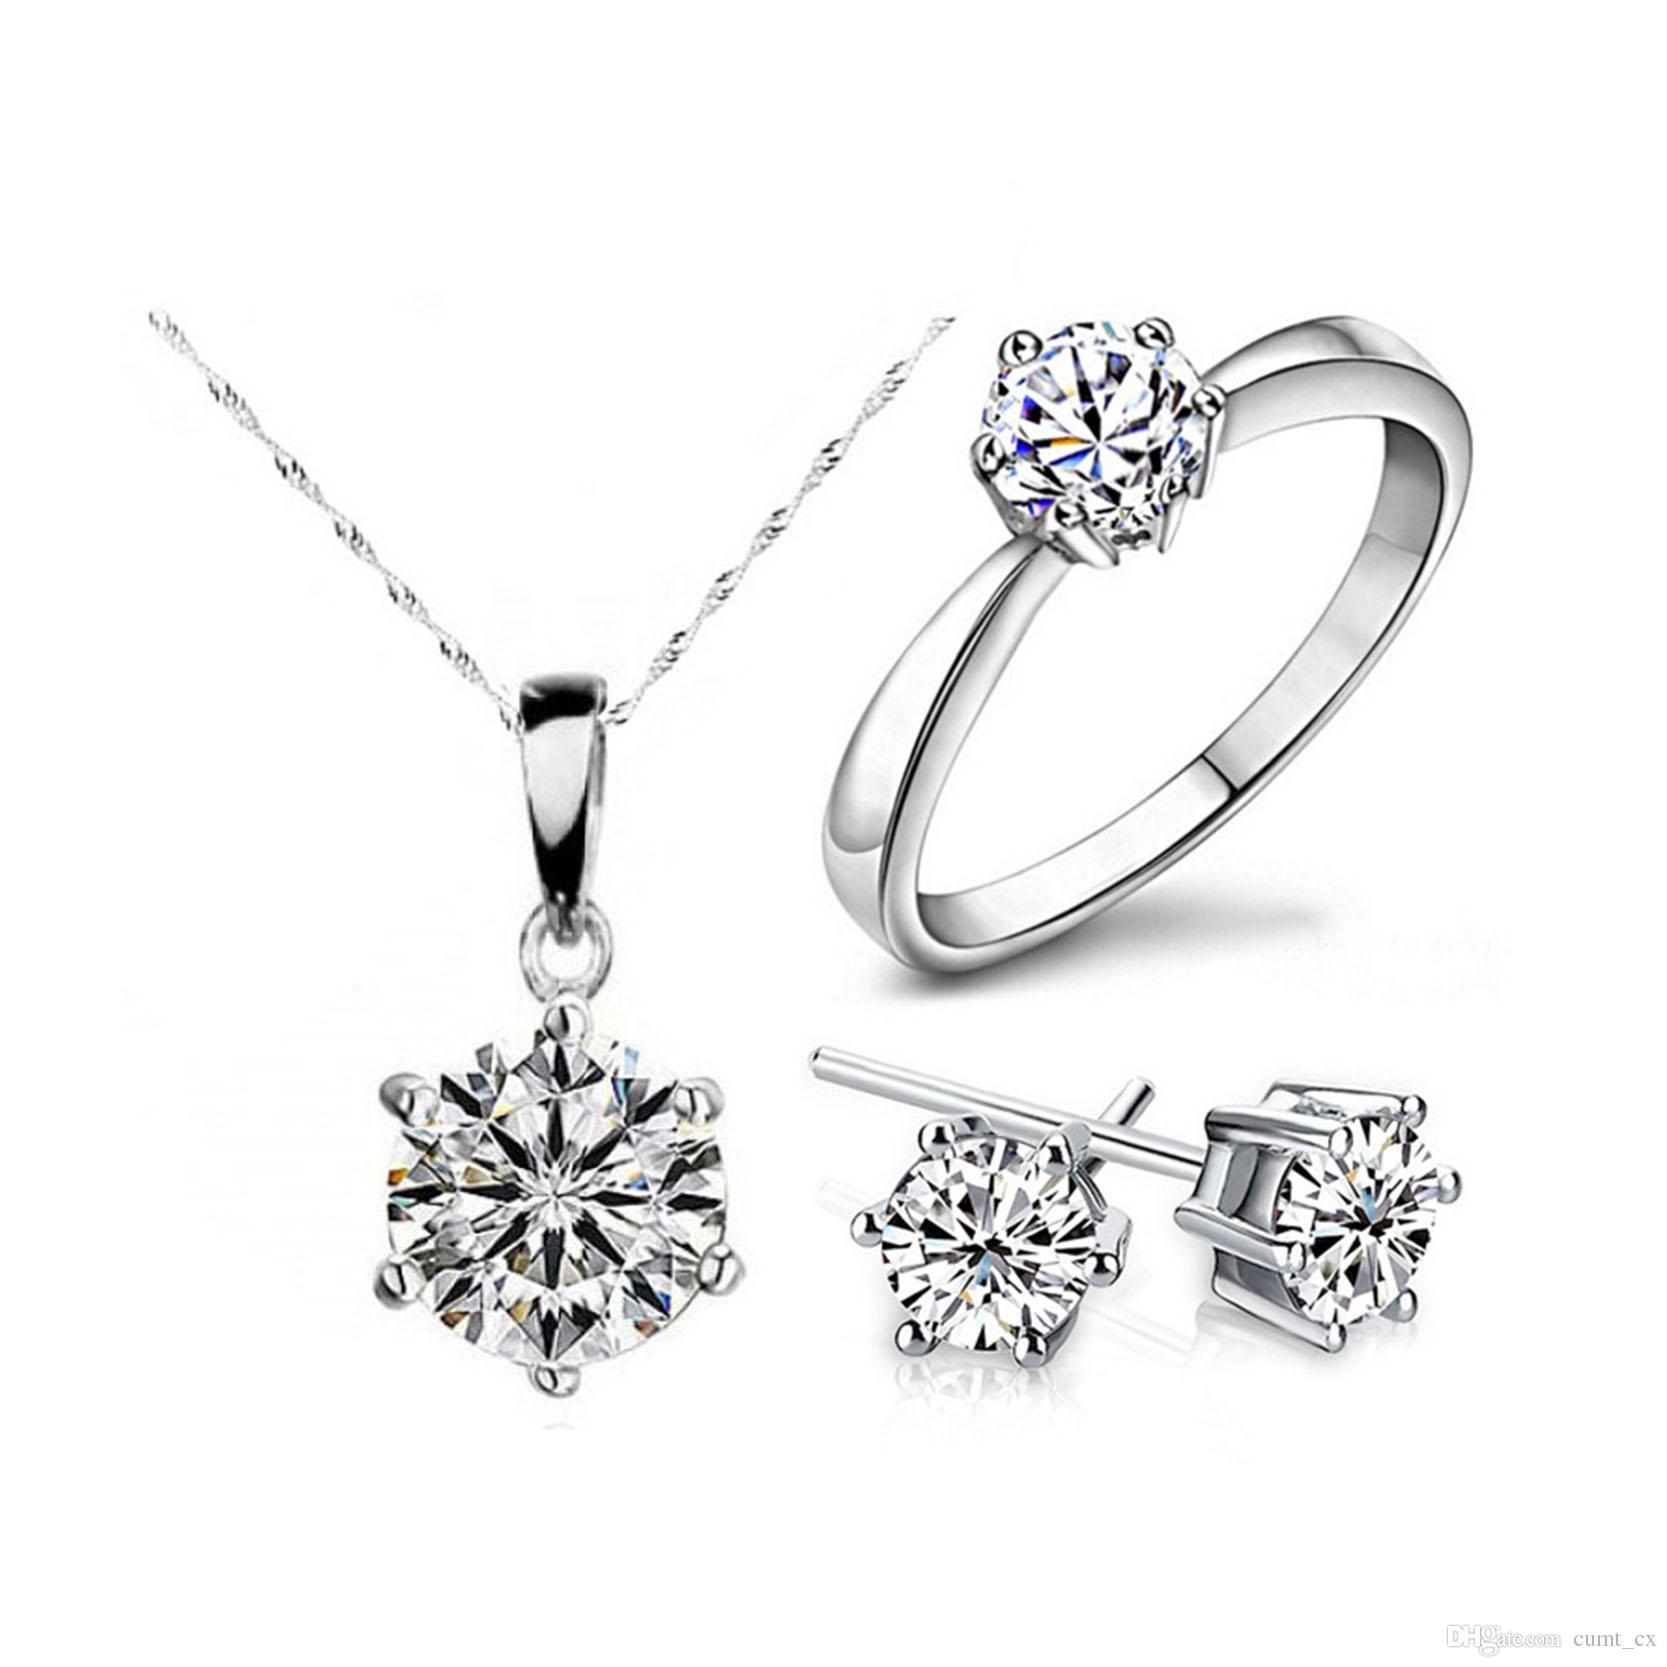 Conjuntos de Jóias de Moda de cor Prata Cubic Zircon Declaração Colar Brincos Anéis de Jóias de Casamento para As Mulheres Presente